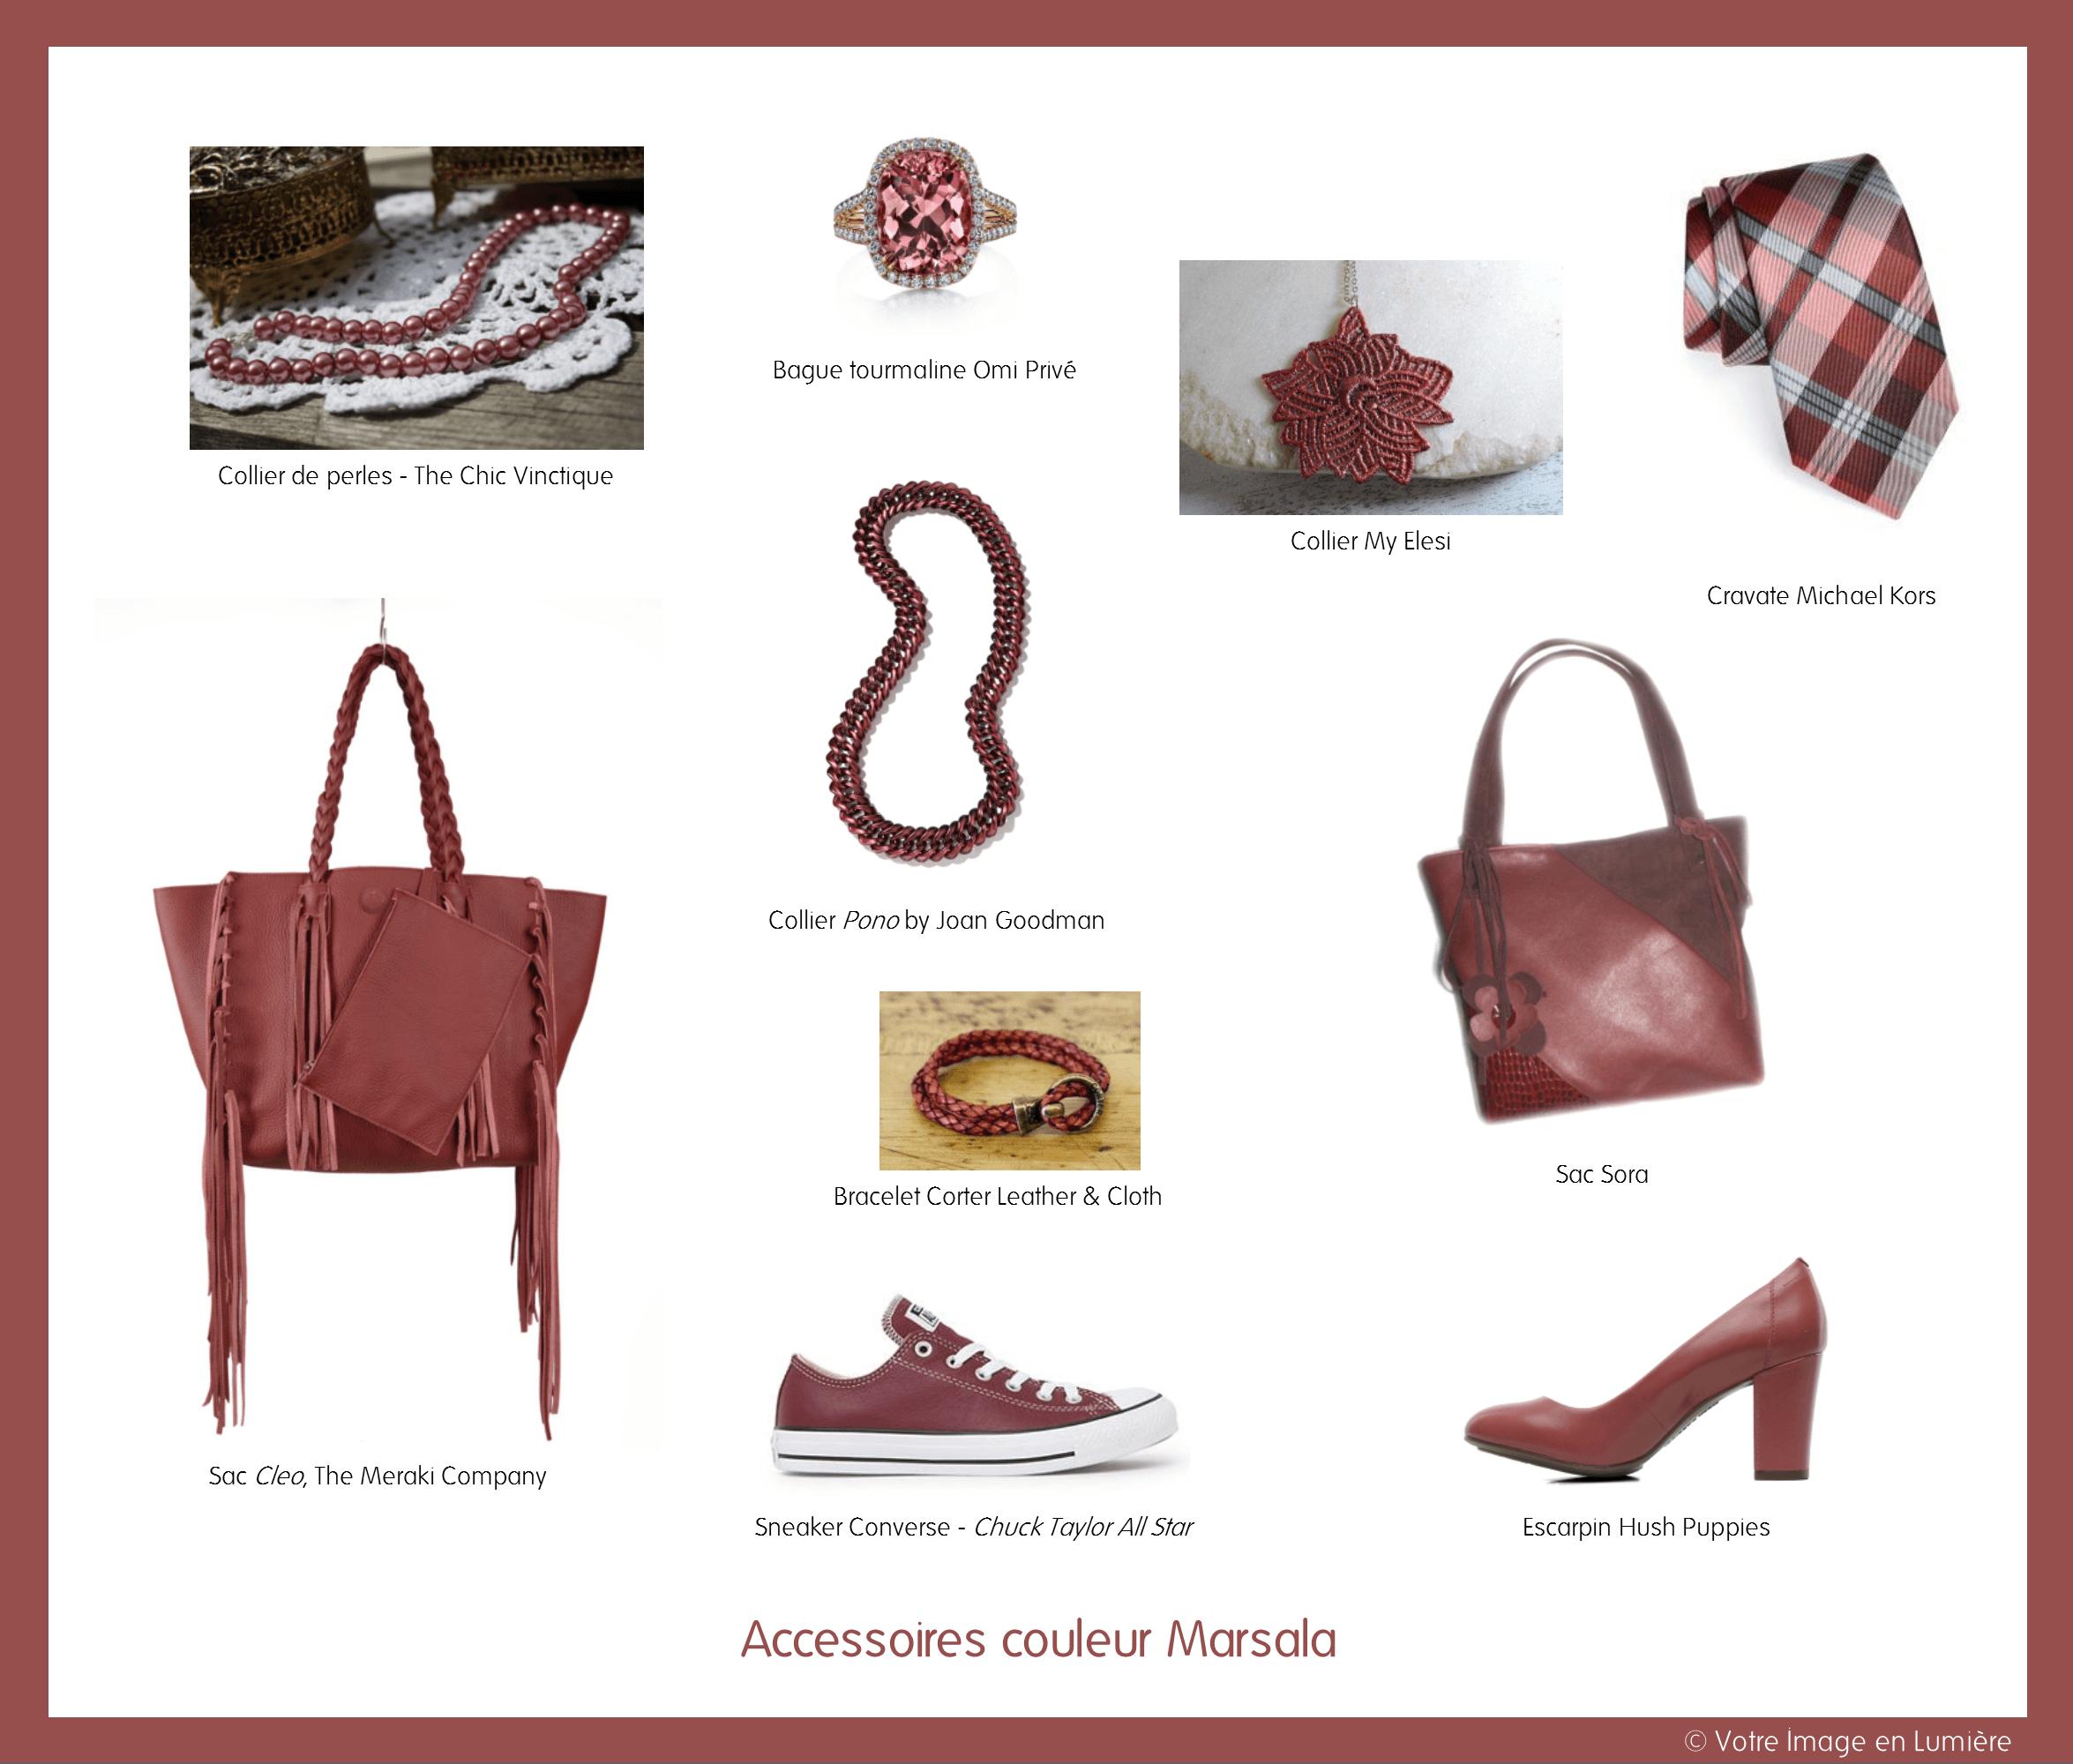 Accessoires couleur Marsala